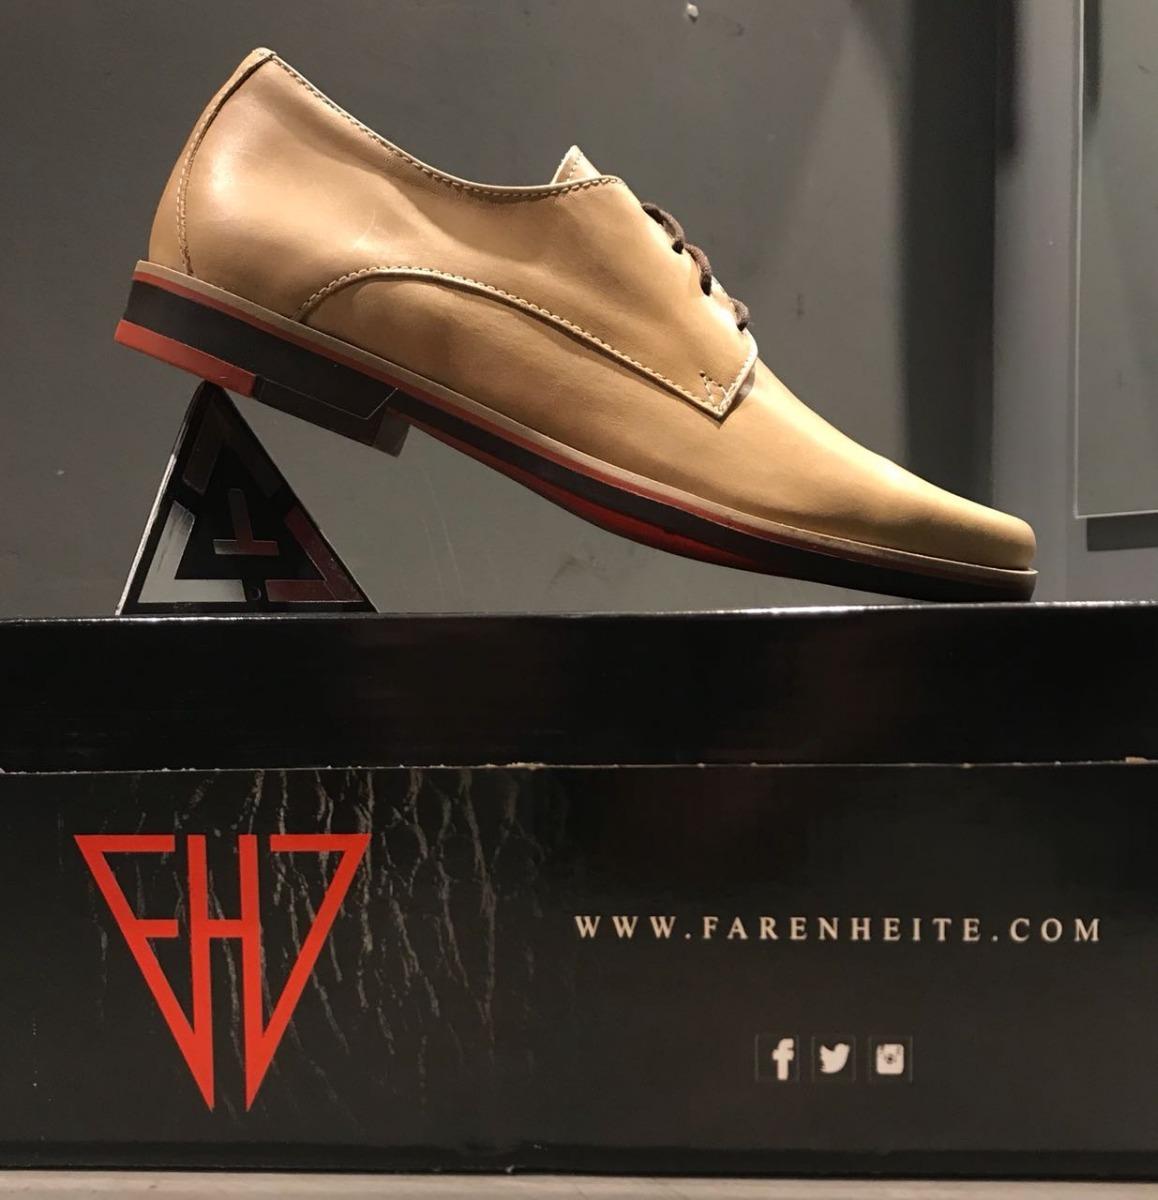 mejor proveedor Nuevos objetos el precio más baratas Zapatos En Punta Color Marron/beige 100%cuero Hombre